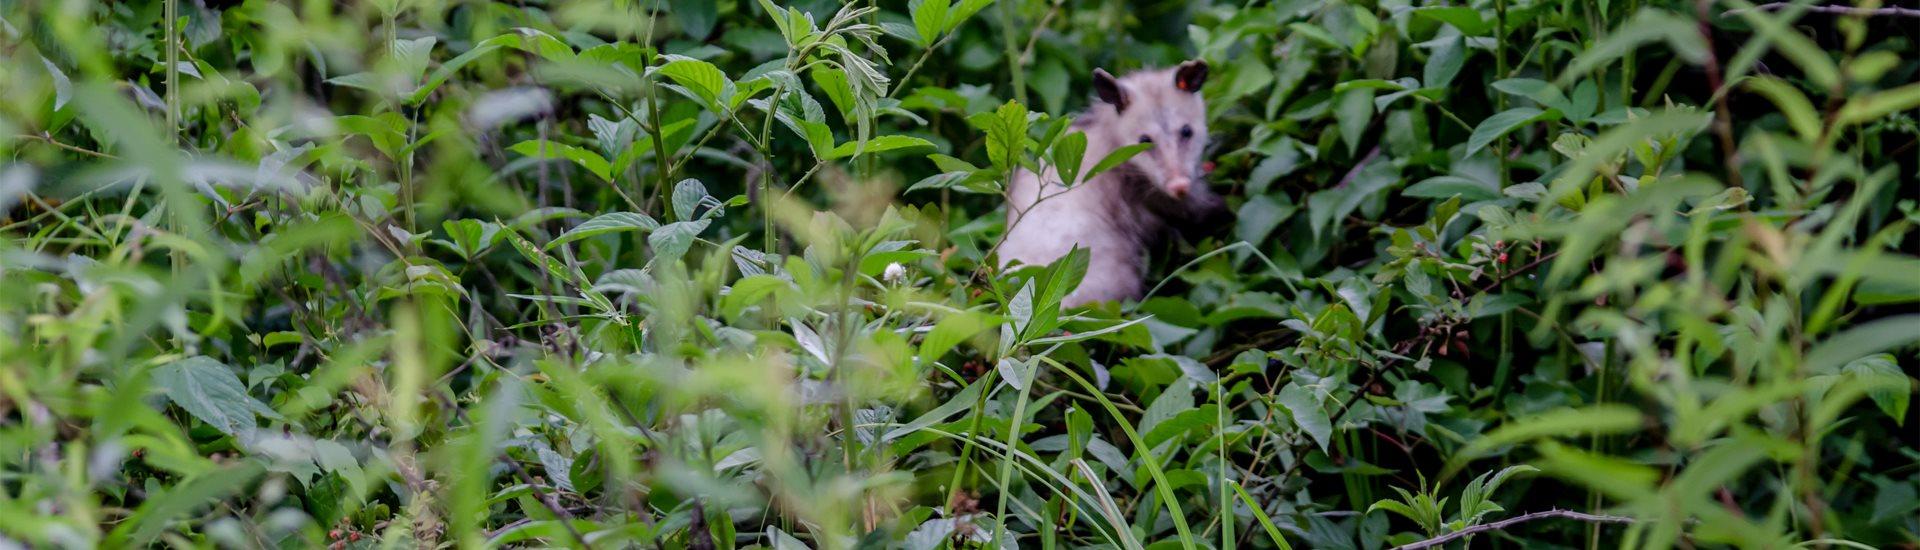 Possum Walk Trailhead